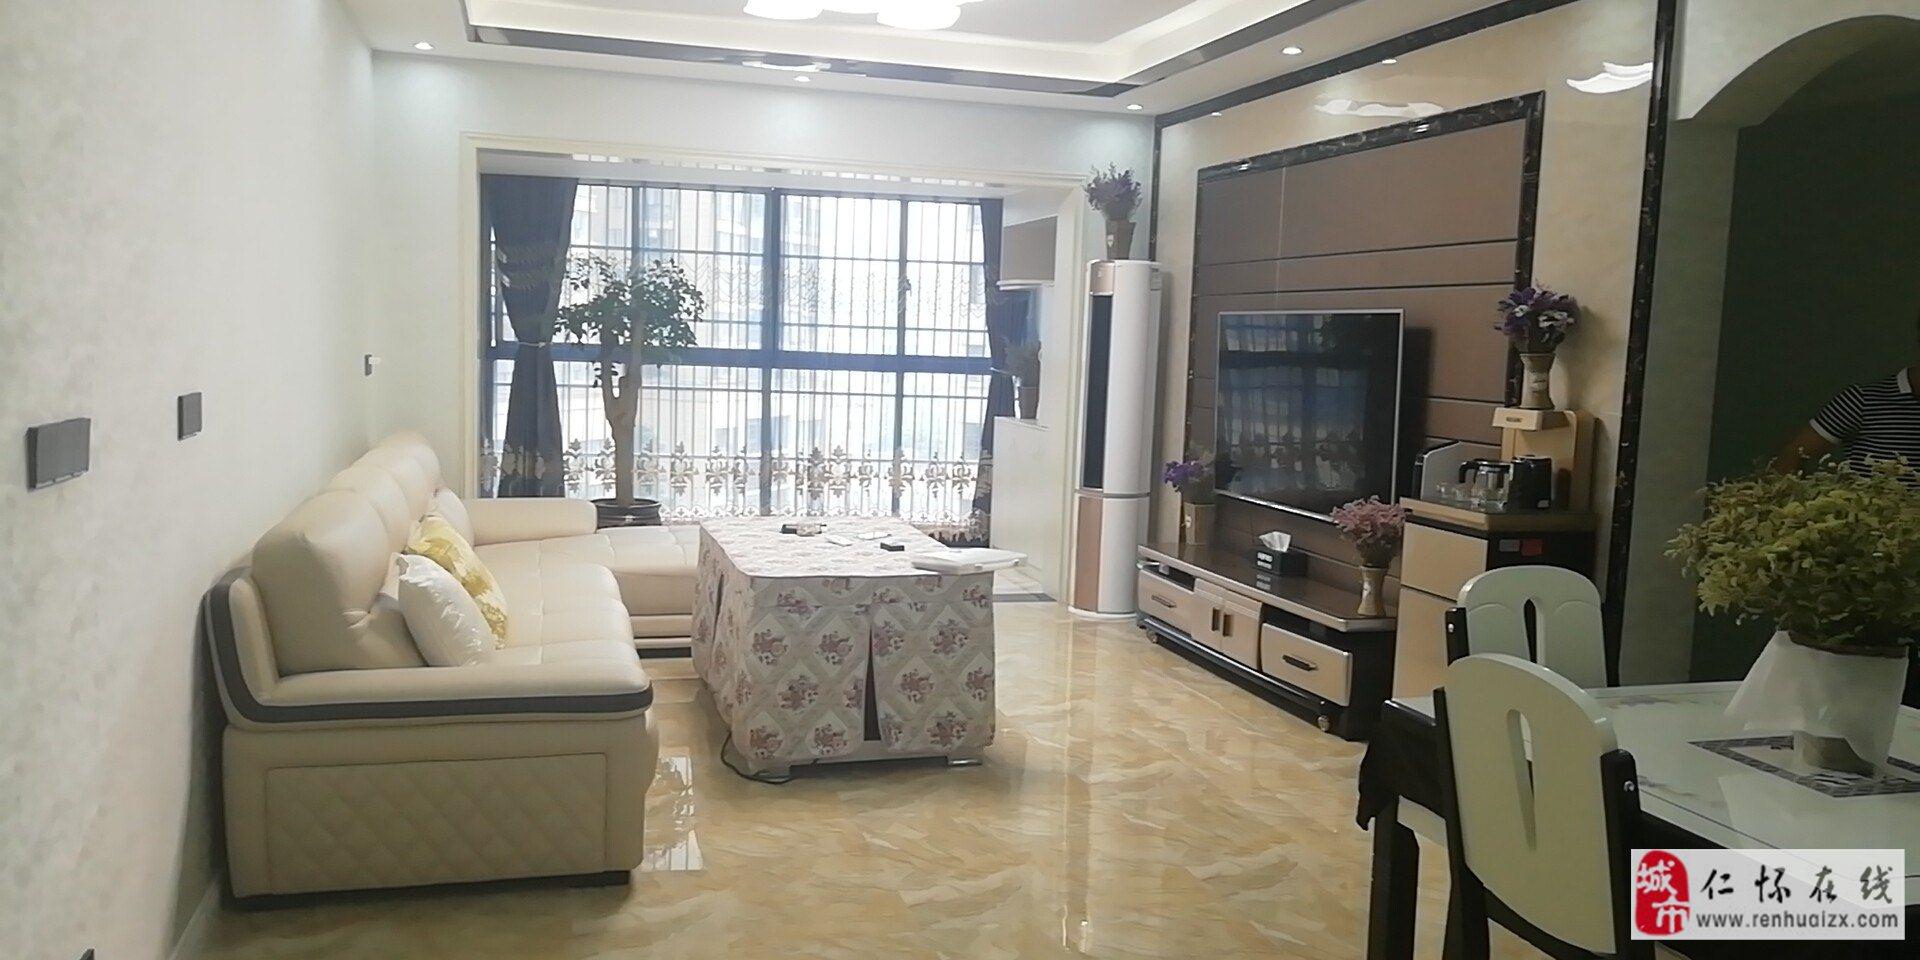 耗儿山3室2厅2卫43.8万元低楼层关门卖